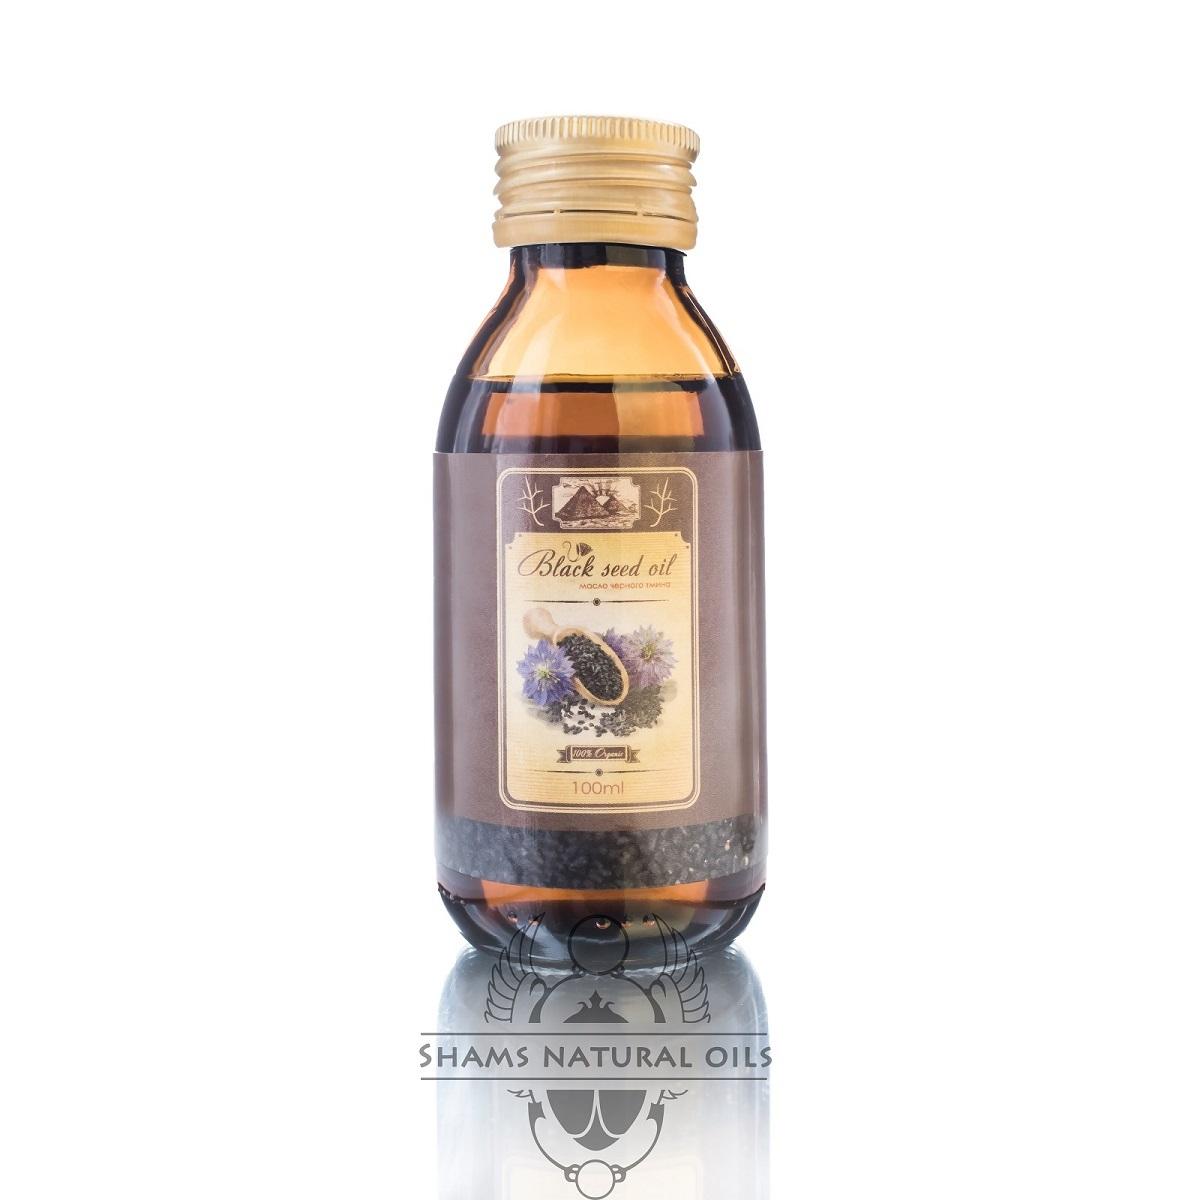 Shams Natural oils